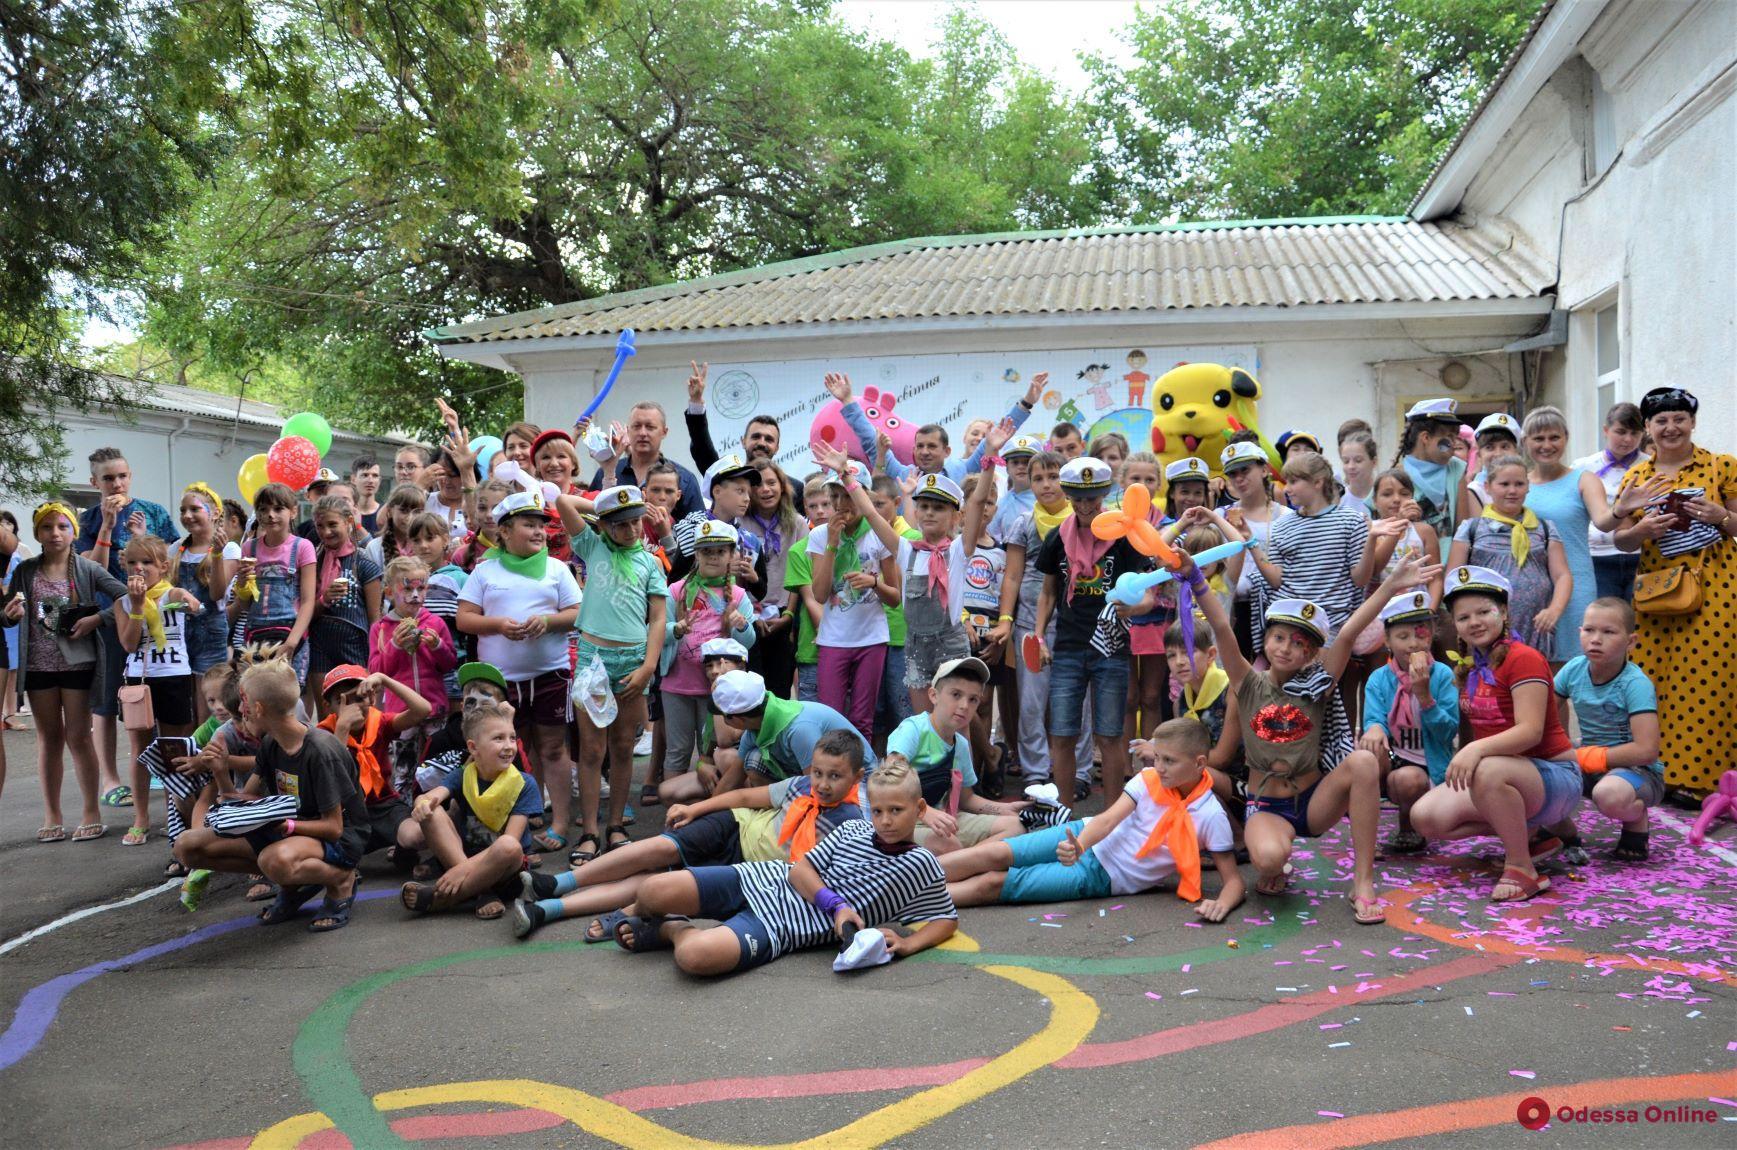 Мастер-класс на каяках и мороженое: в Одессе отдыхают дети из прифронтовой зоны